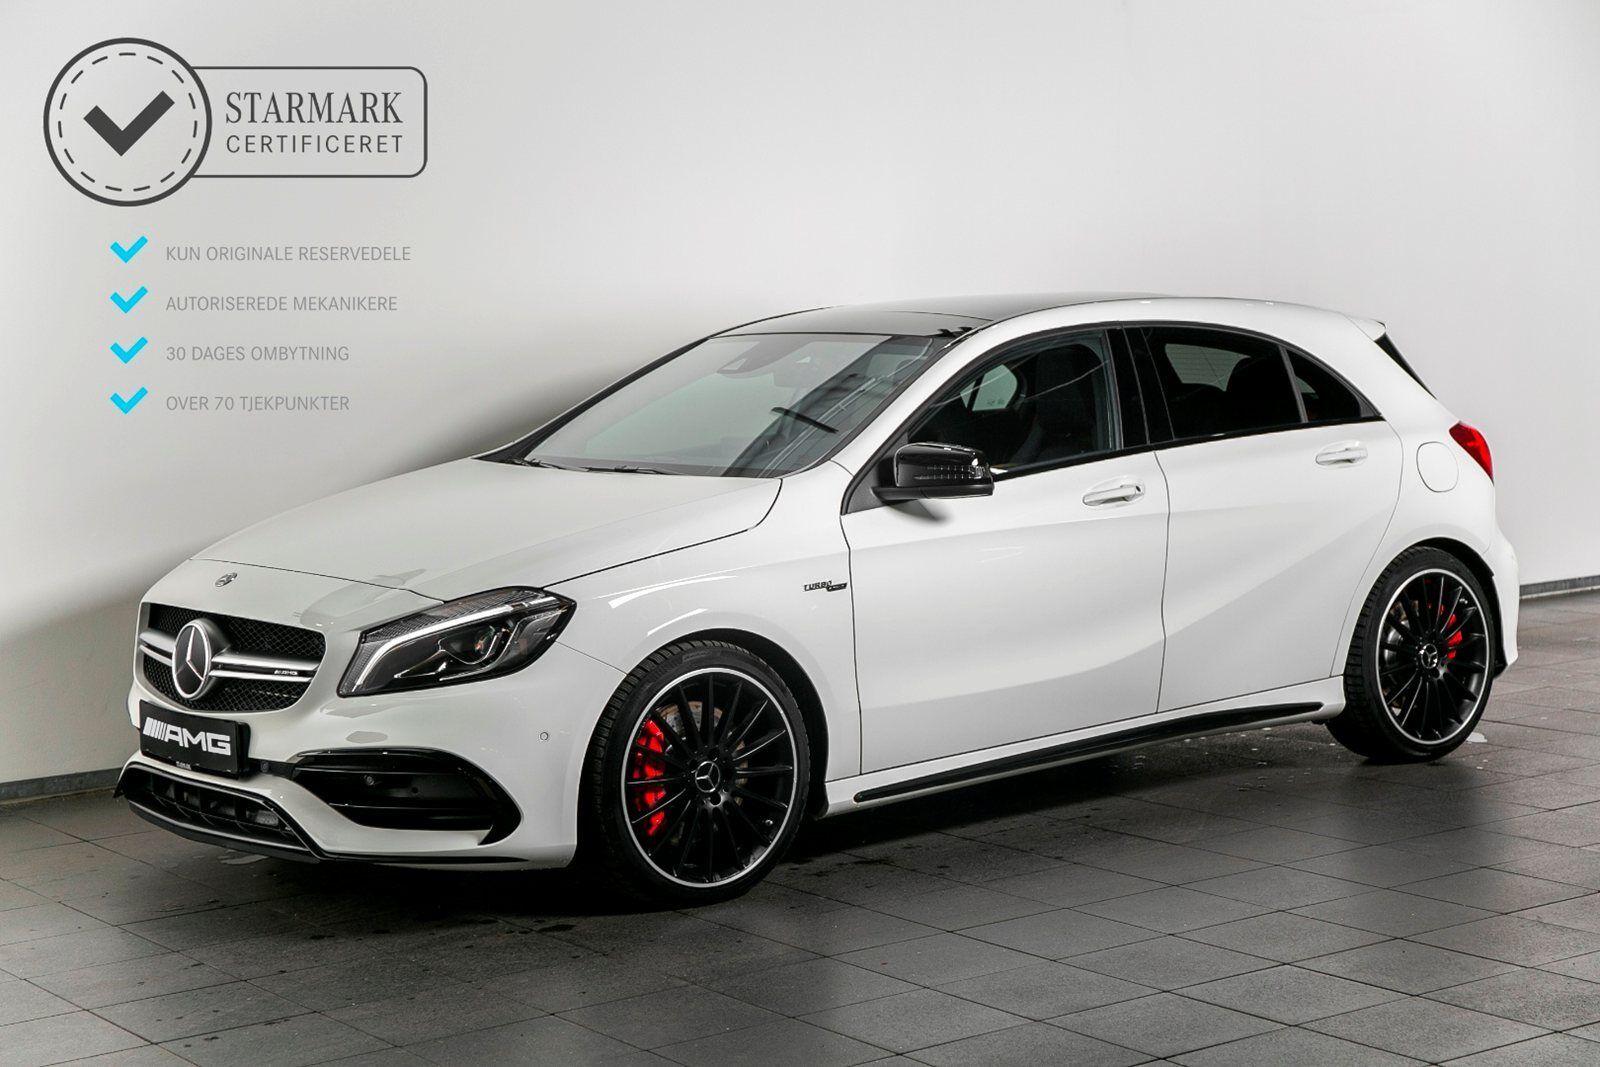 Brugte Mercedes biler til salg - køb brugt Mercedes - Starmark